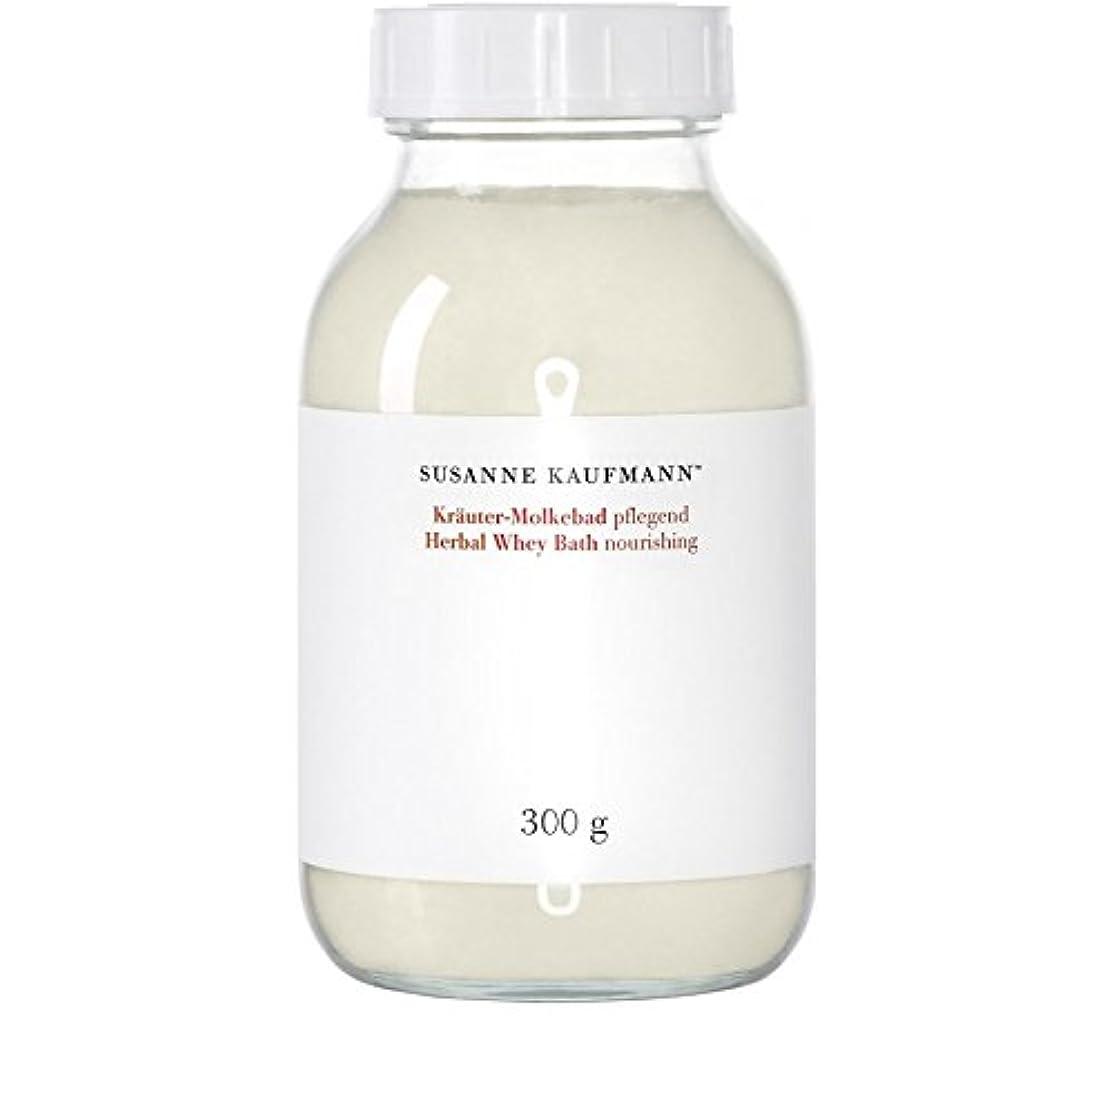 香水香水ヘッドレスSusanne Kaufmann Nourishing Herbal Whey Bath 300g - スザンヌカウフマン栄養ハーブホエーバス300グラム [並行輸入品]